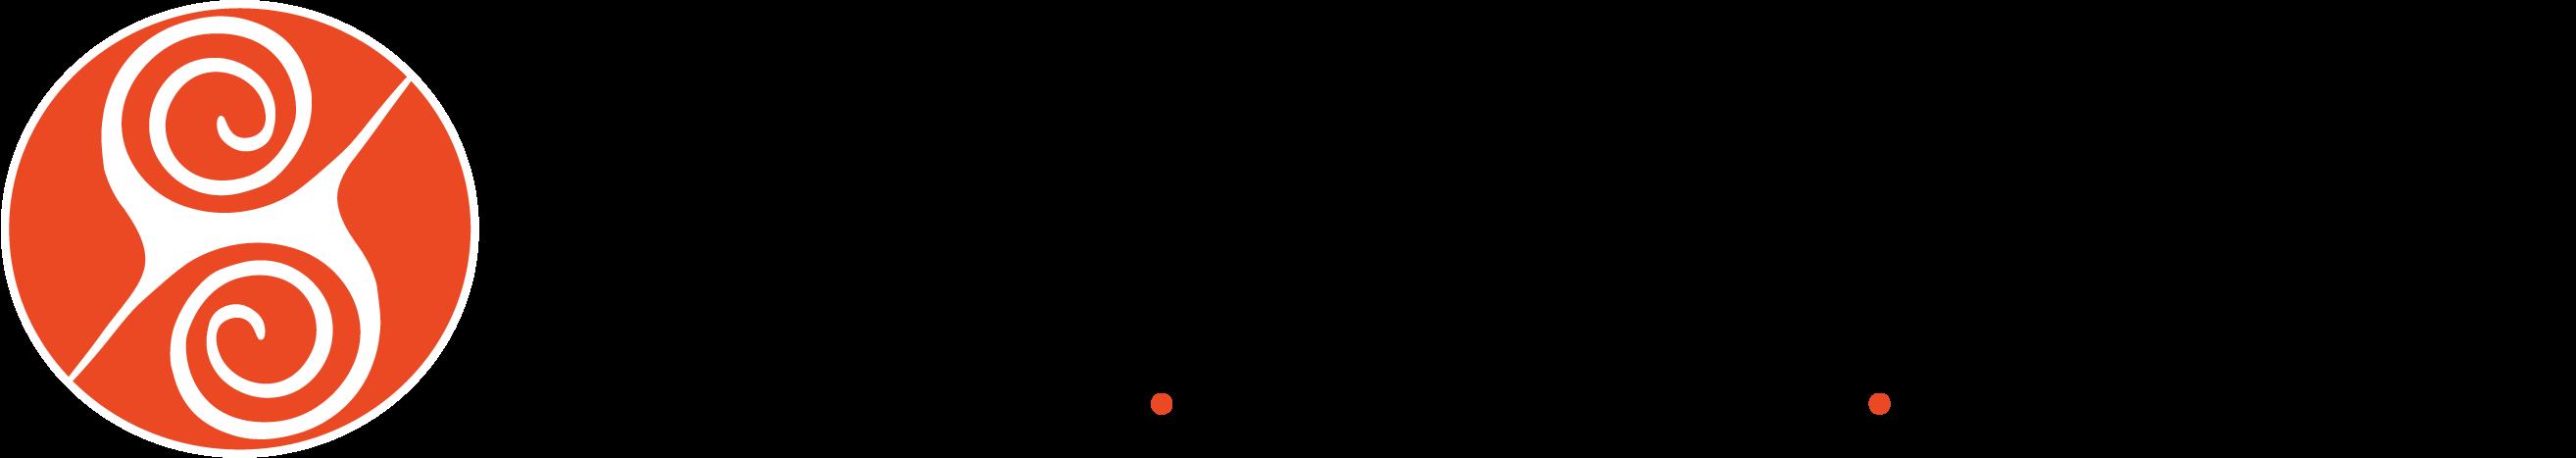 Kustannus Z logo